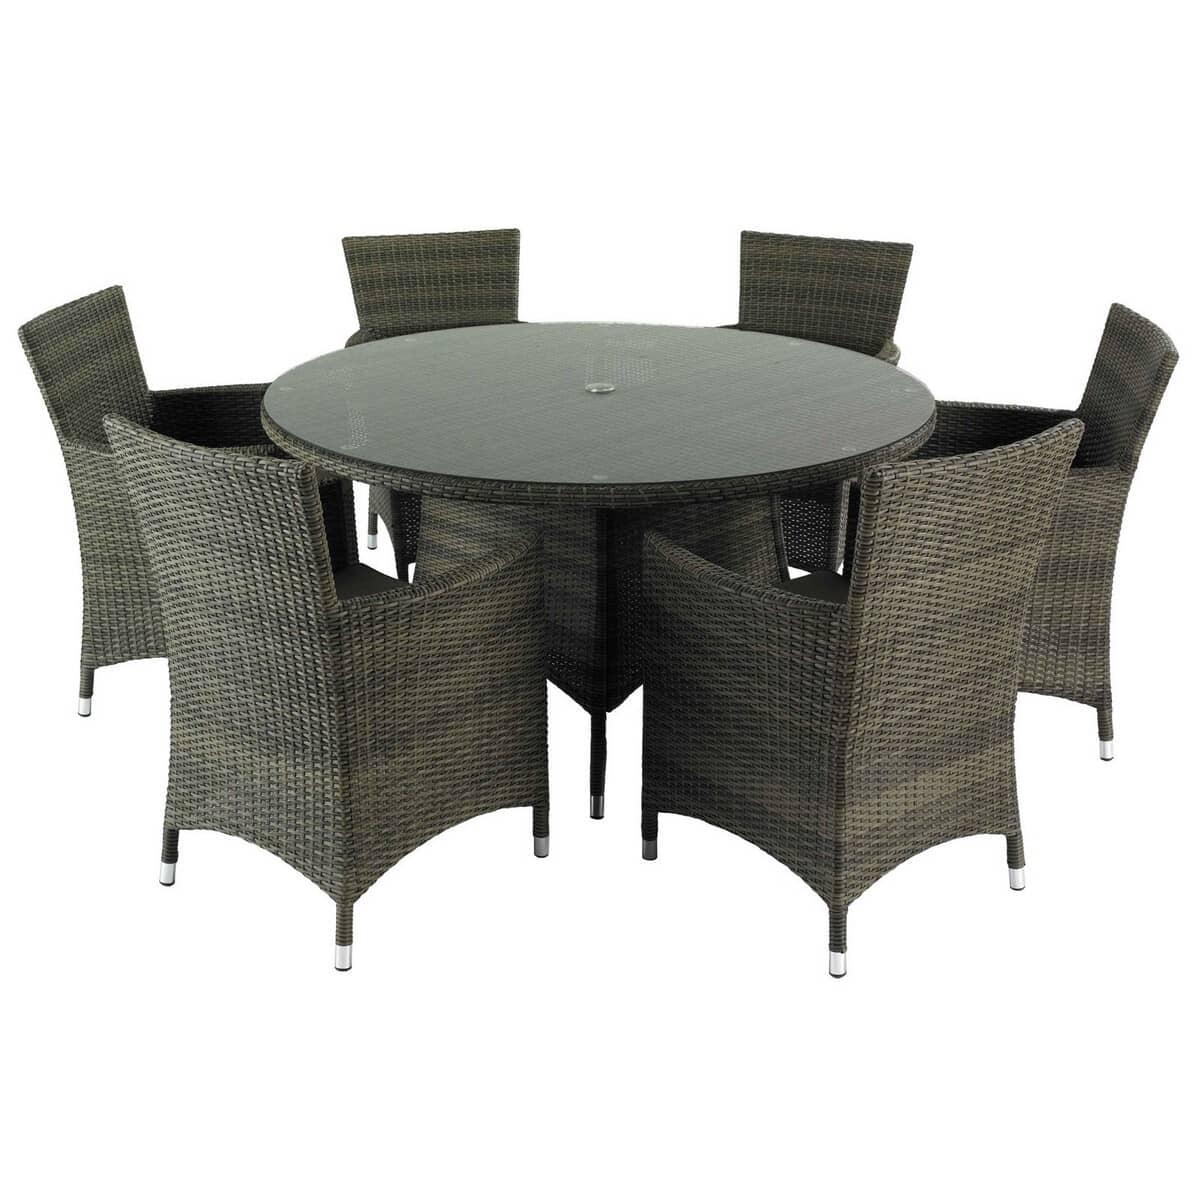 Hartman Bentley 6 Seat Dining Set Hbenset03 Garden